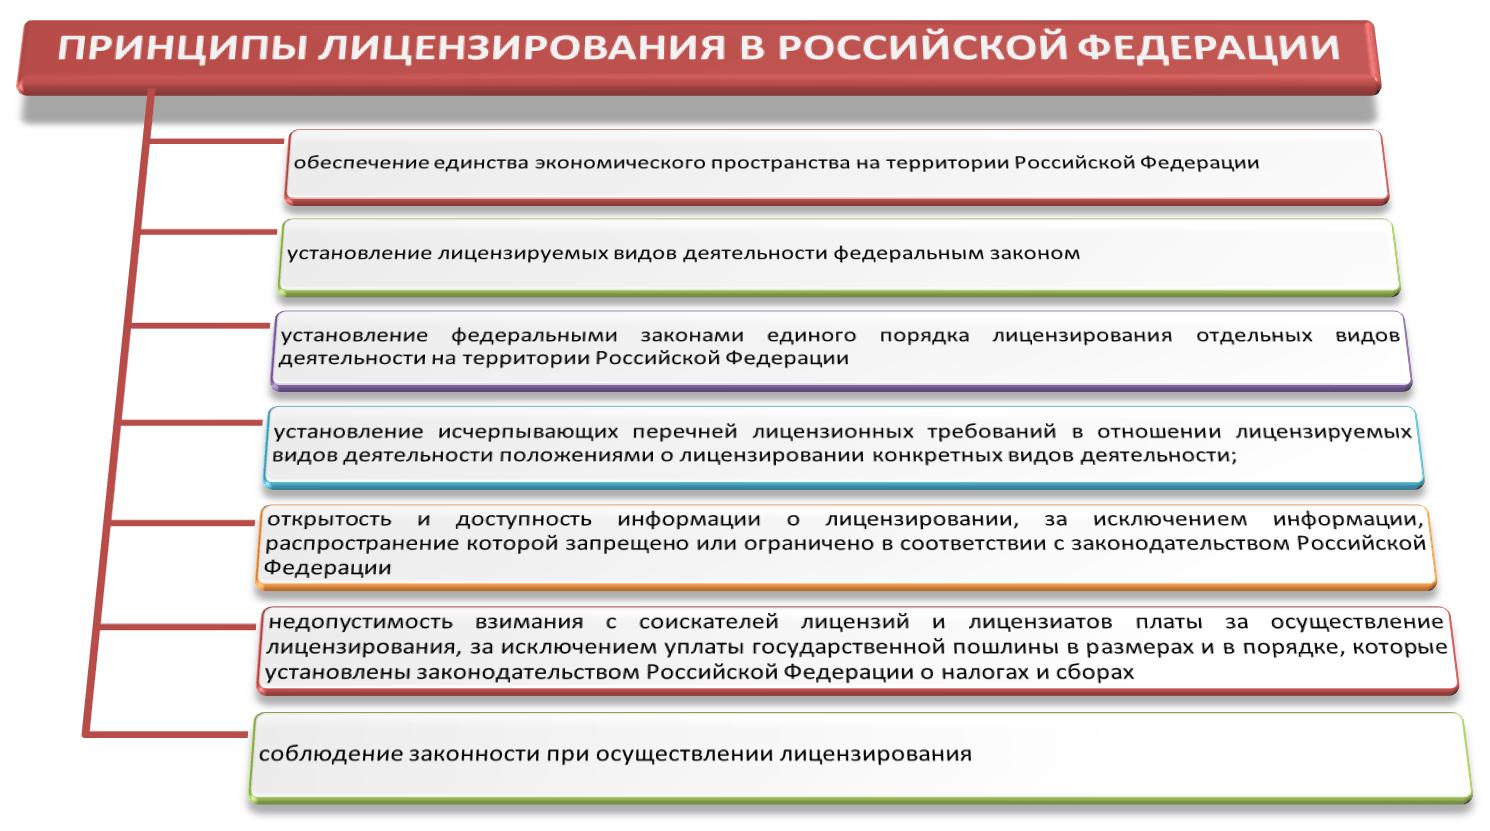 Регистрация ип с лицензированием регистрация ооо в роспотребнадзоре